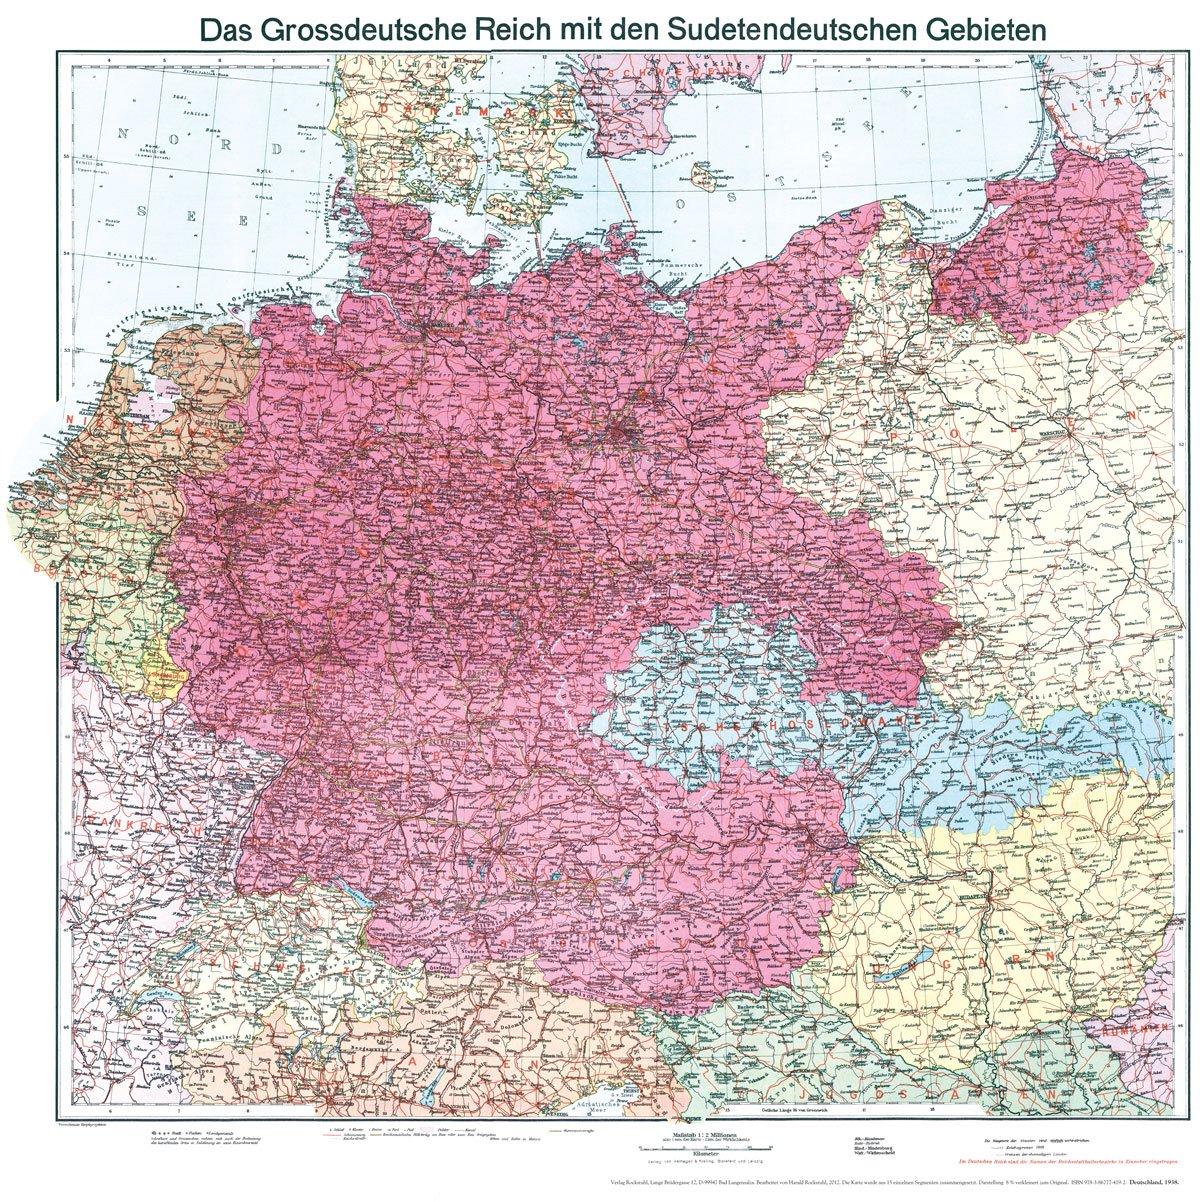 Deutsches Reich Karte.Historische Karte Deutschland 1938 Das Groa Deutsche Reich Mit